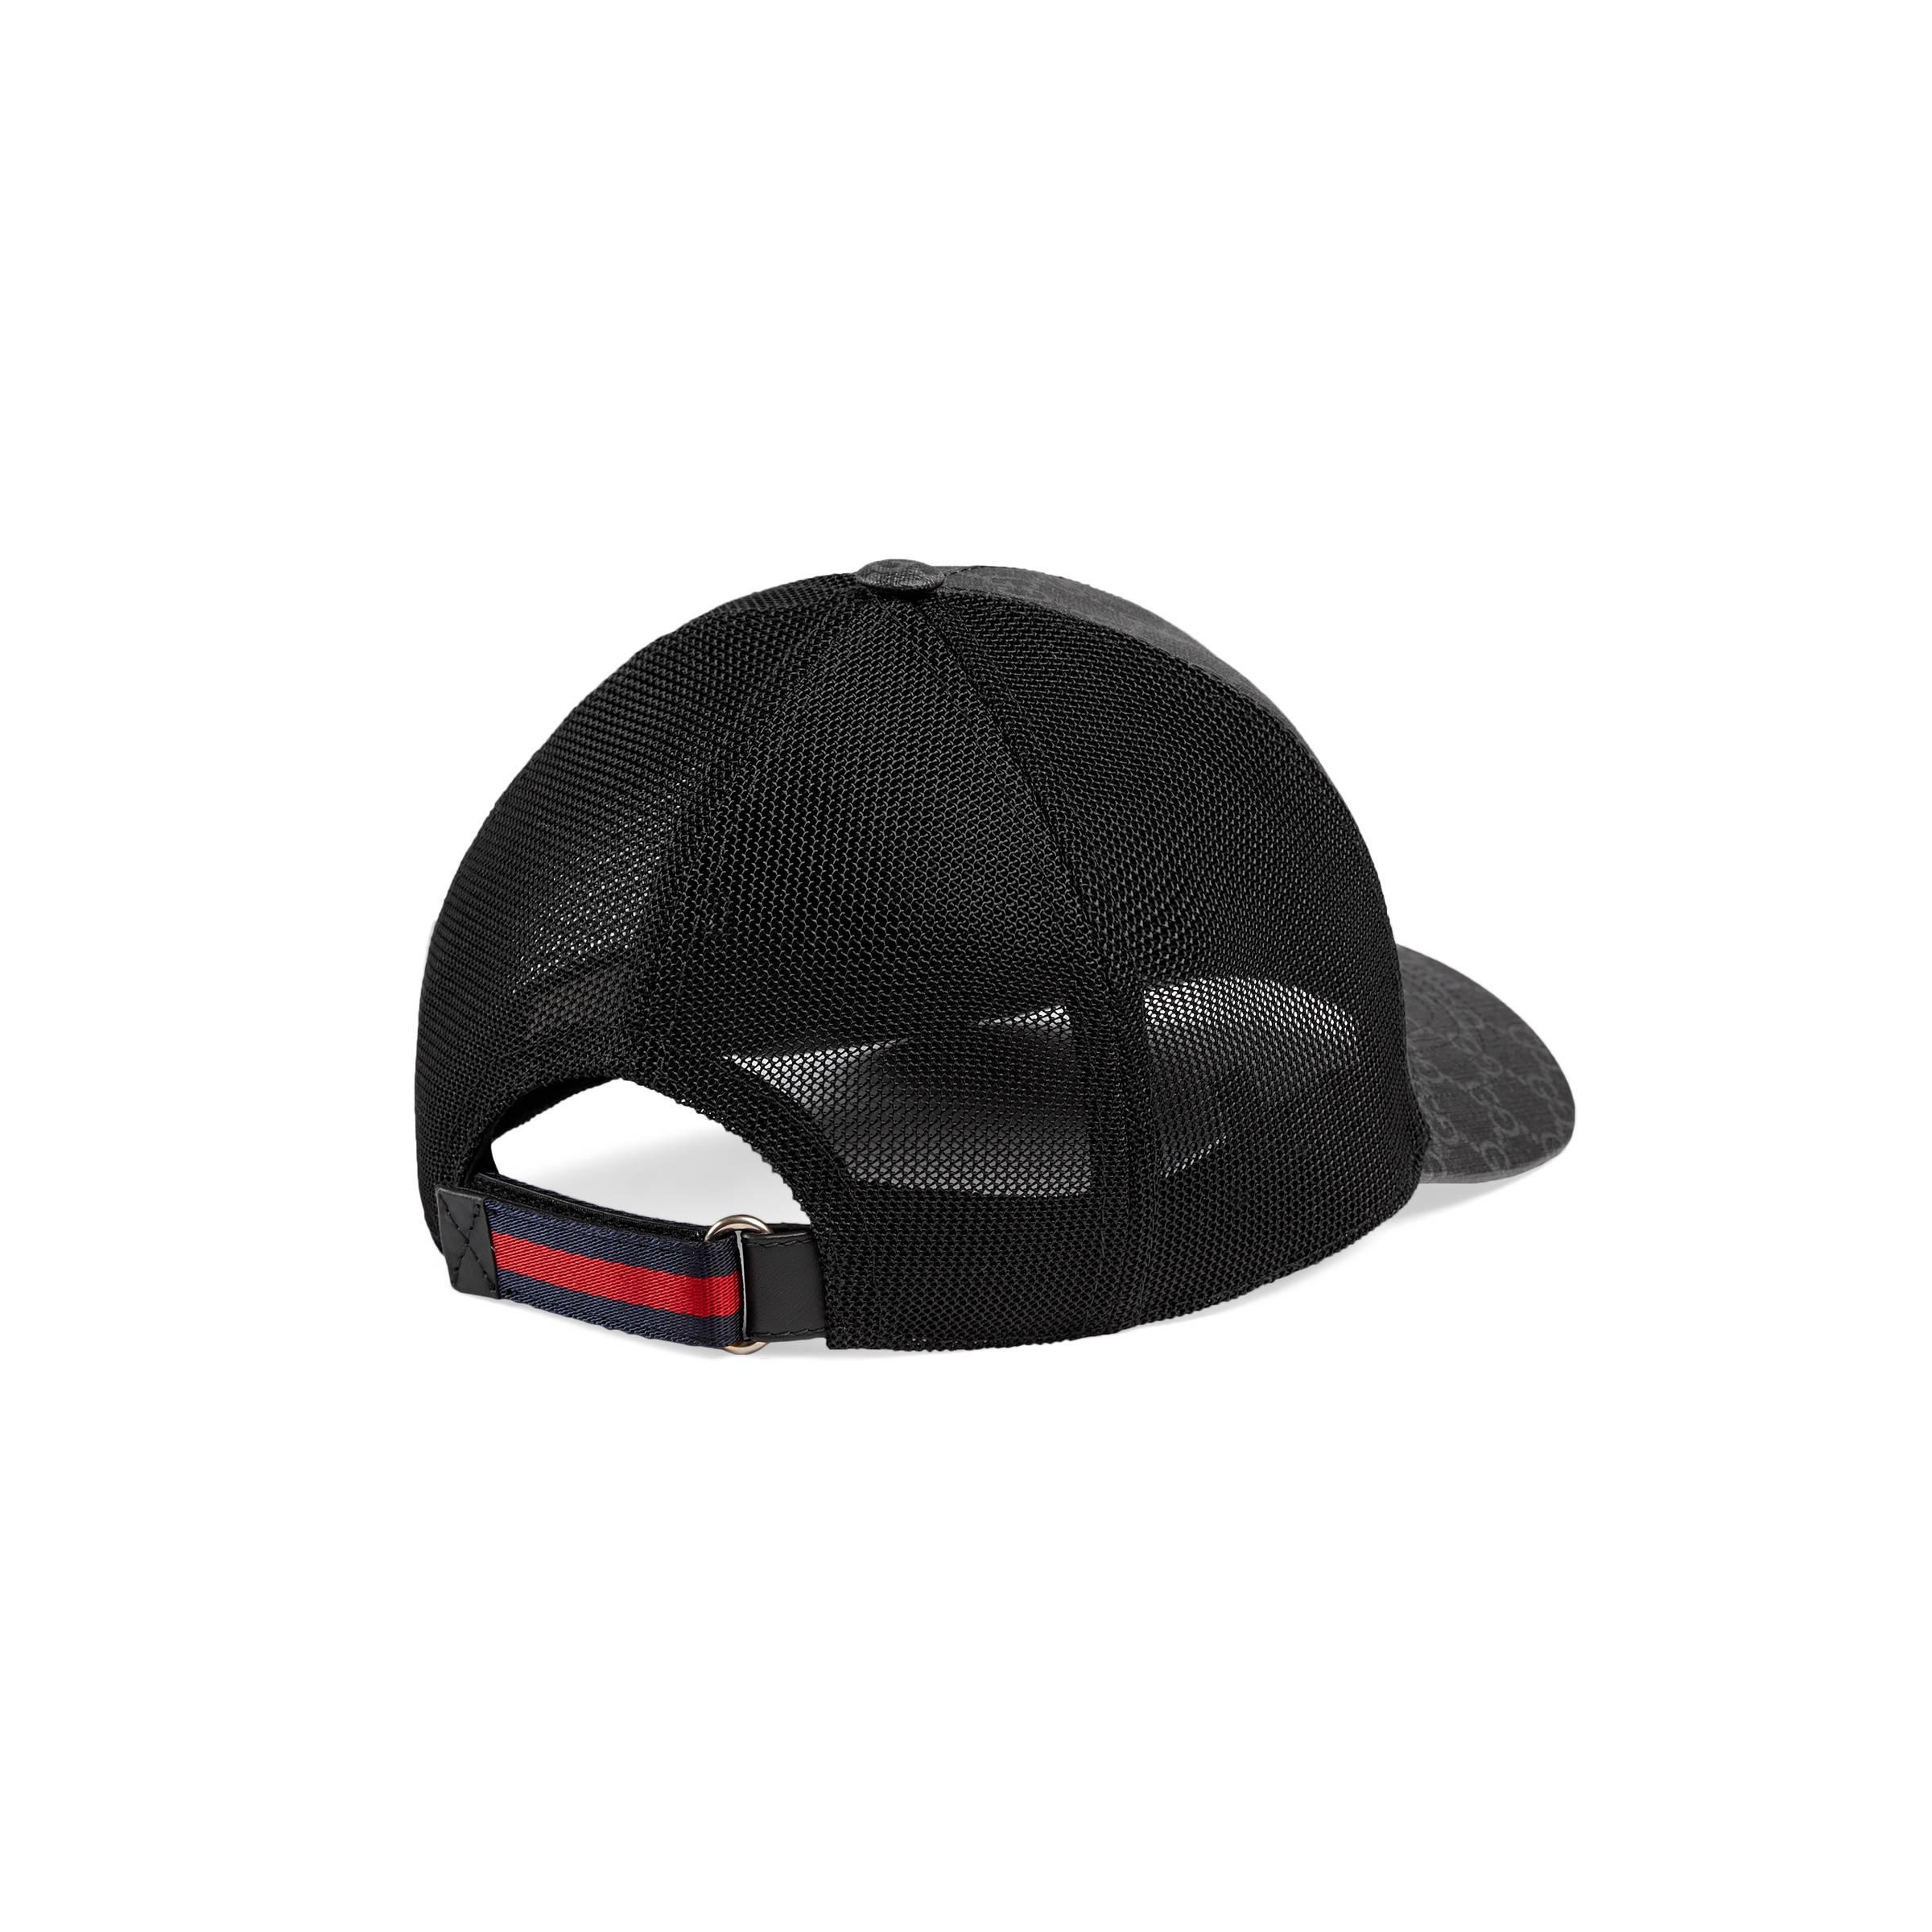 7025fb9cbf5 Gucci - Black Kingsnake Print GG Supreme Baseball Hat for Men - Lyst. View  fullscreen